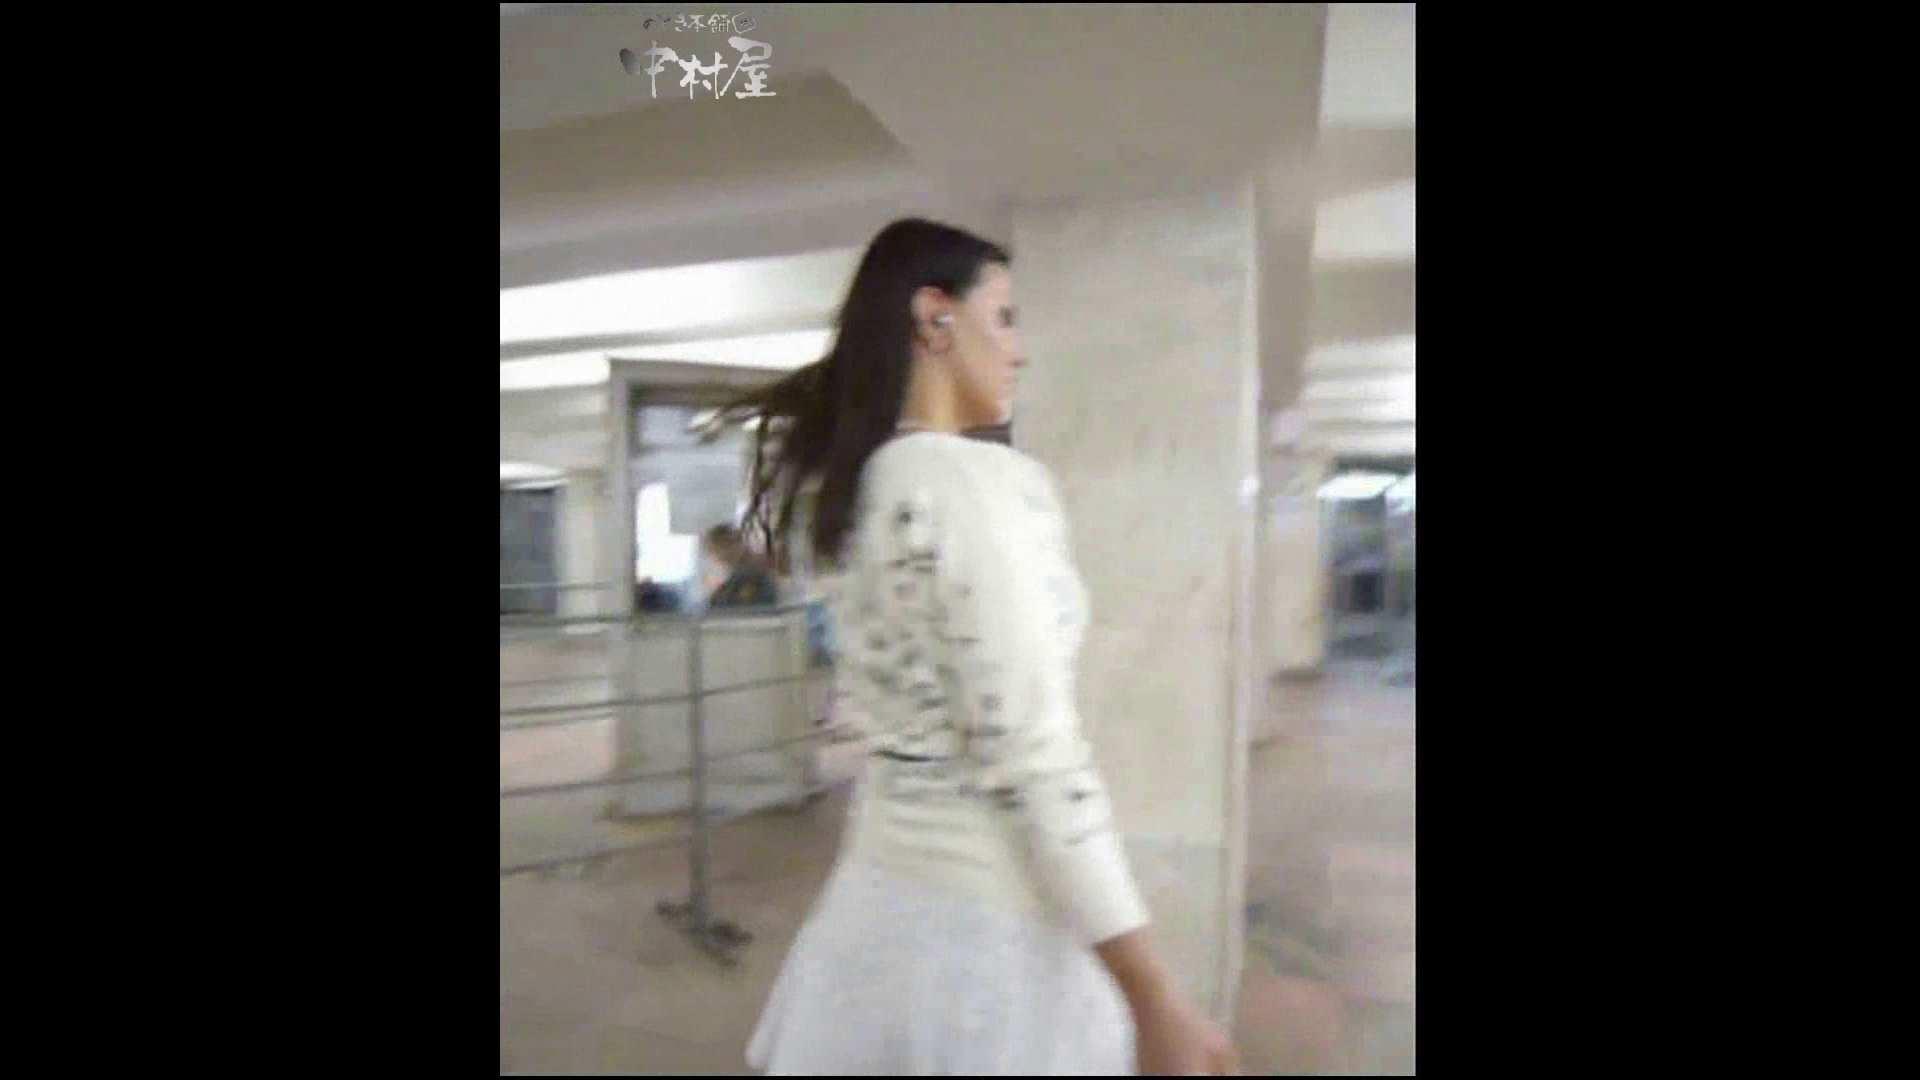 綺麗なモデルさんのスカート捲っちゃおう‼ vol27 お姉さんヌード | OLセックス  97画像 95